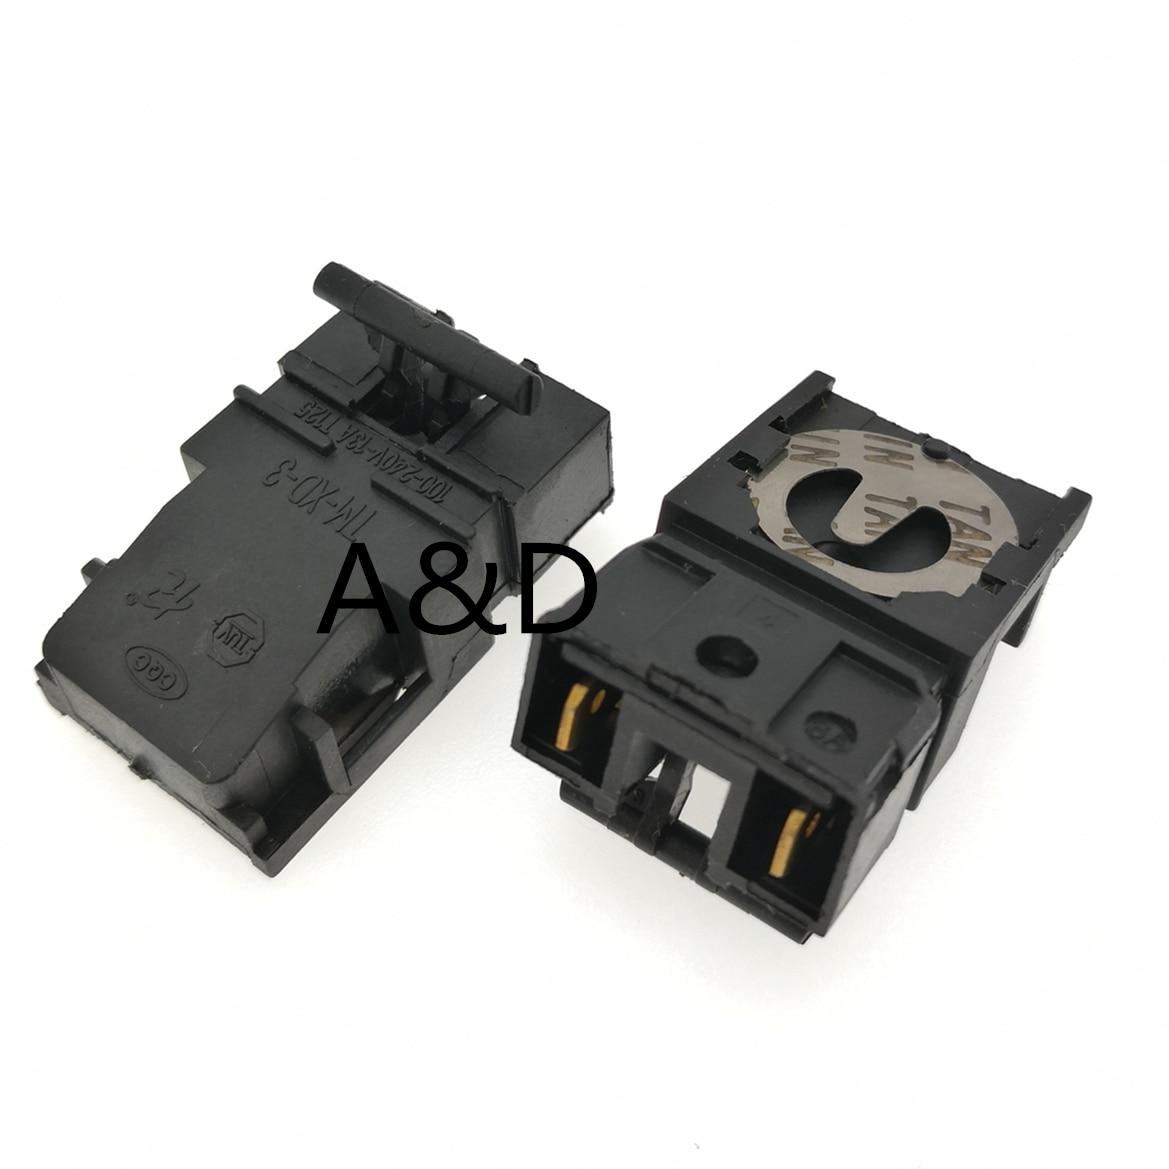 1PCS Thermostat Switch TM-XD-3 XD-3 100-240V 13A T125